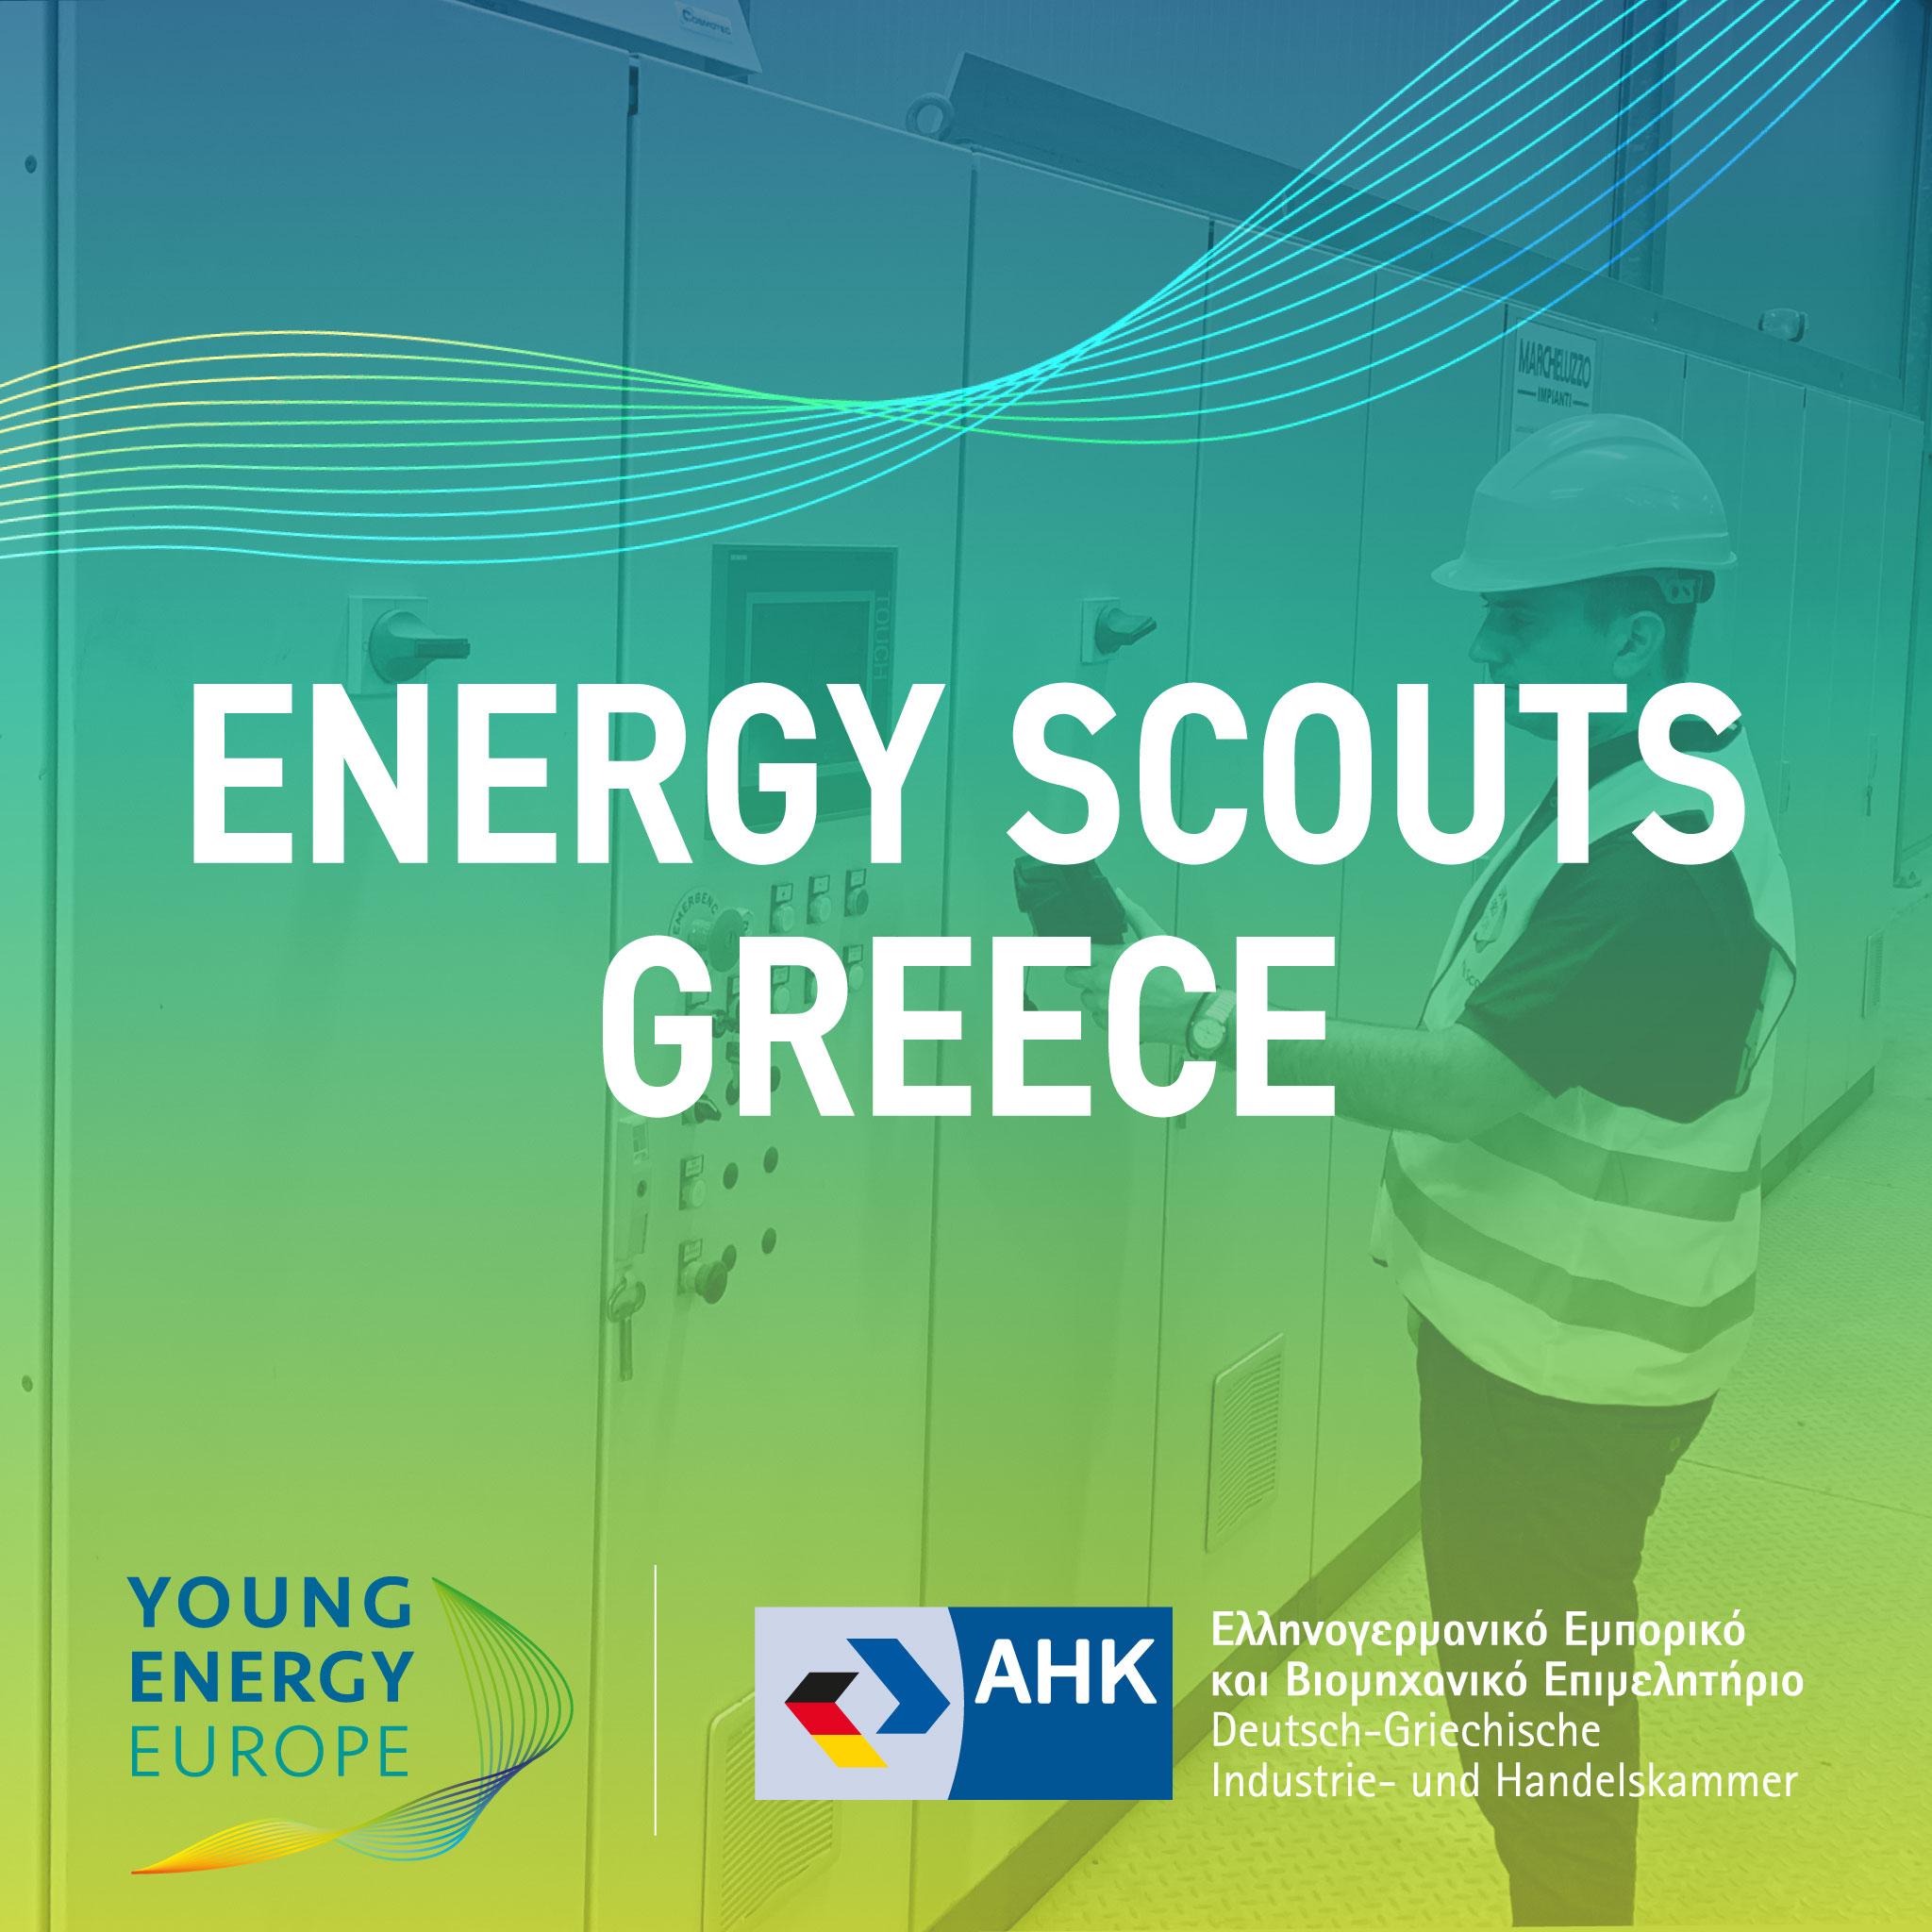 """Σε αντίστροφη μέτρηση για το δωρεάν e-σεμινάριο εξοικονόμησης ενέργειας, """"Energy Scouts"""""""